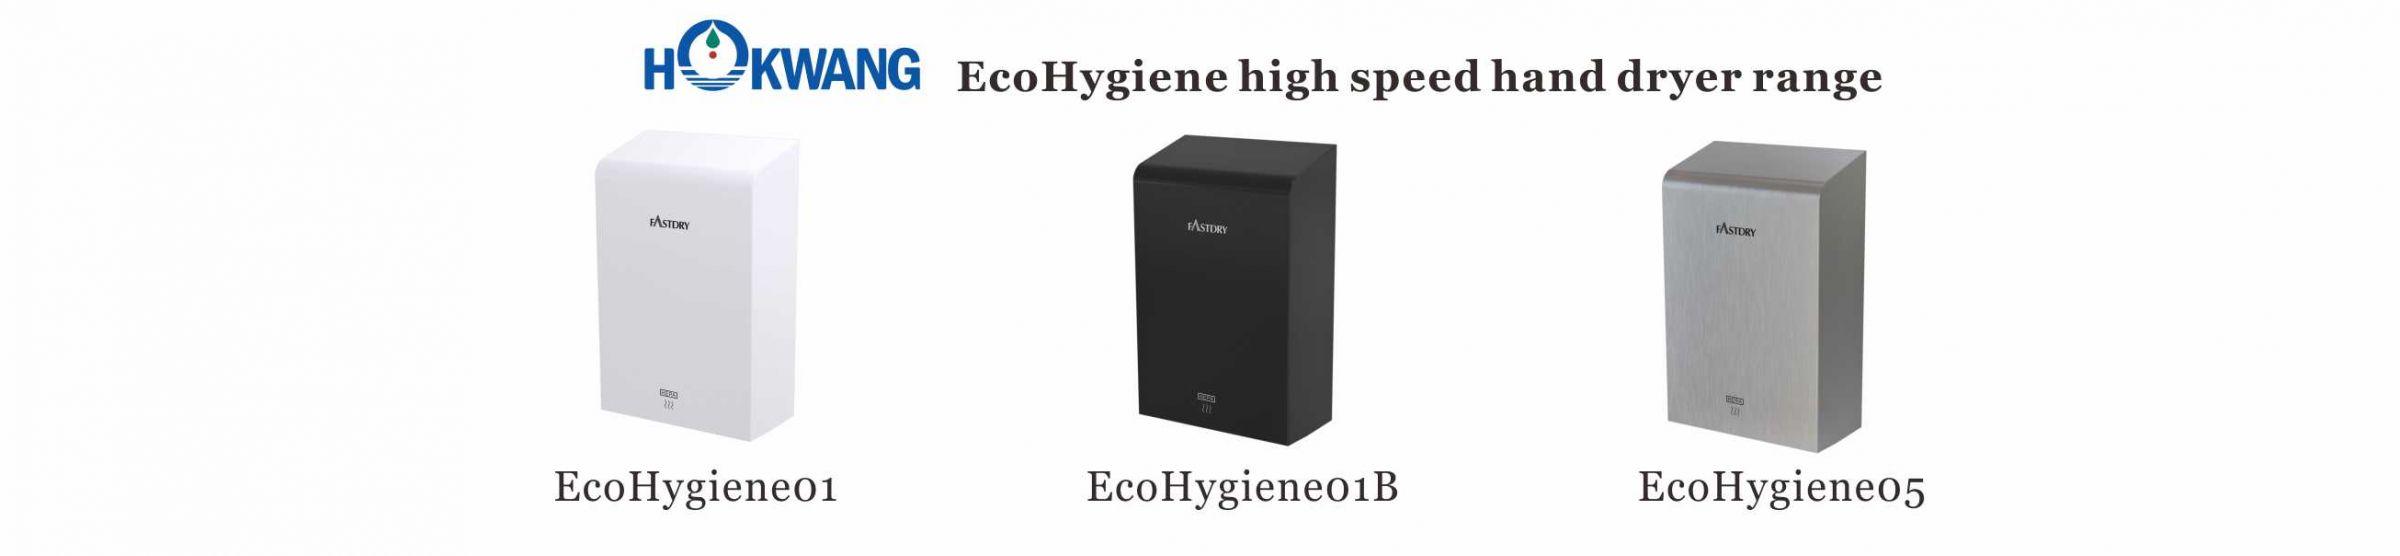 EcoHygiene High Speed Hand Dryer